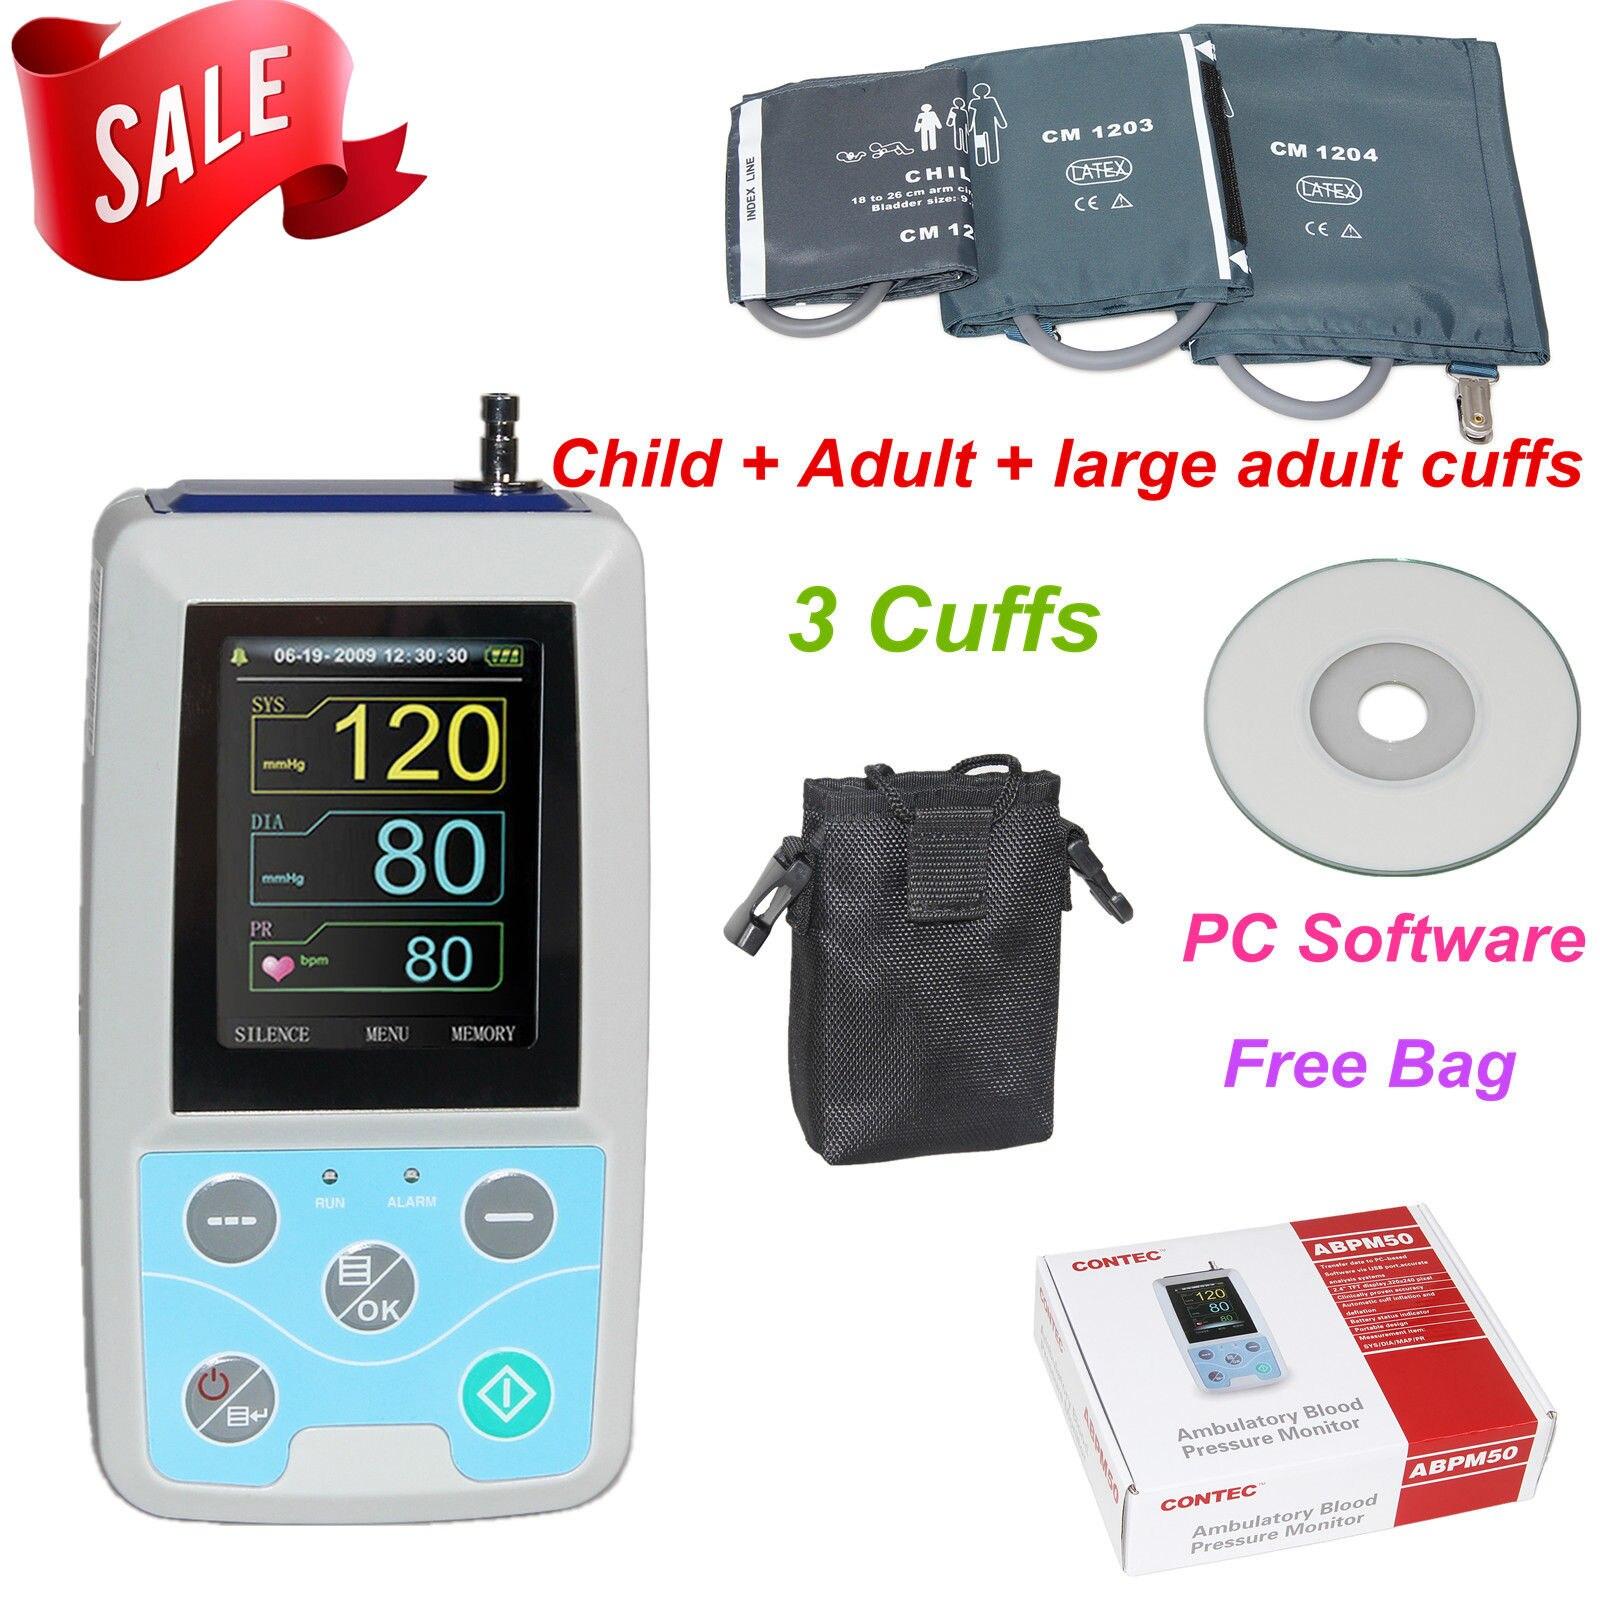 FDA US ABPM50 24 heures moniteur de pression artérielle ambulatoire Holter ABPM Holter BP moniteur avec logiciel contec